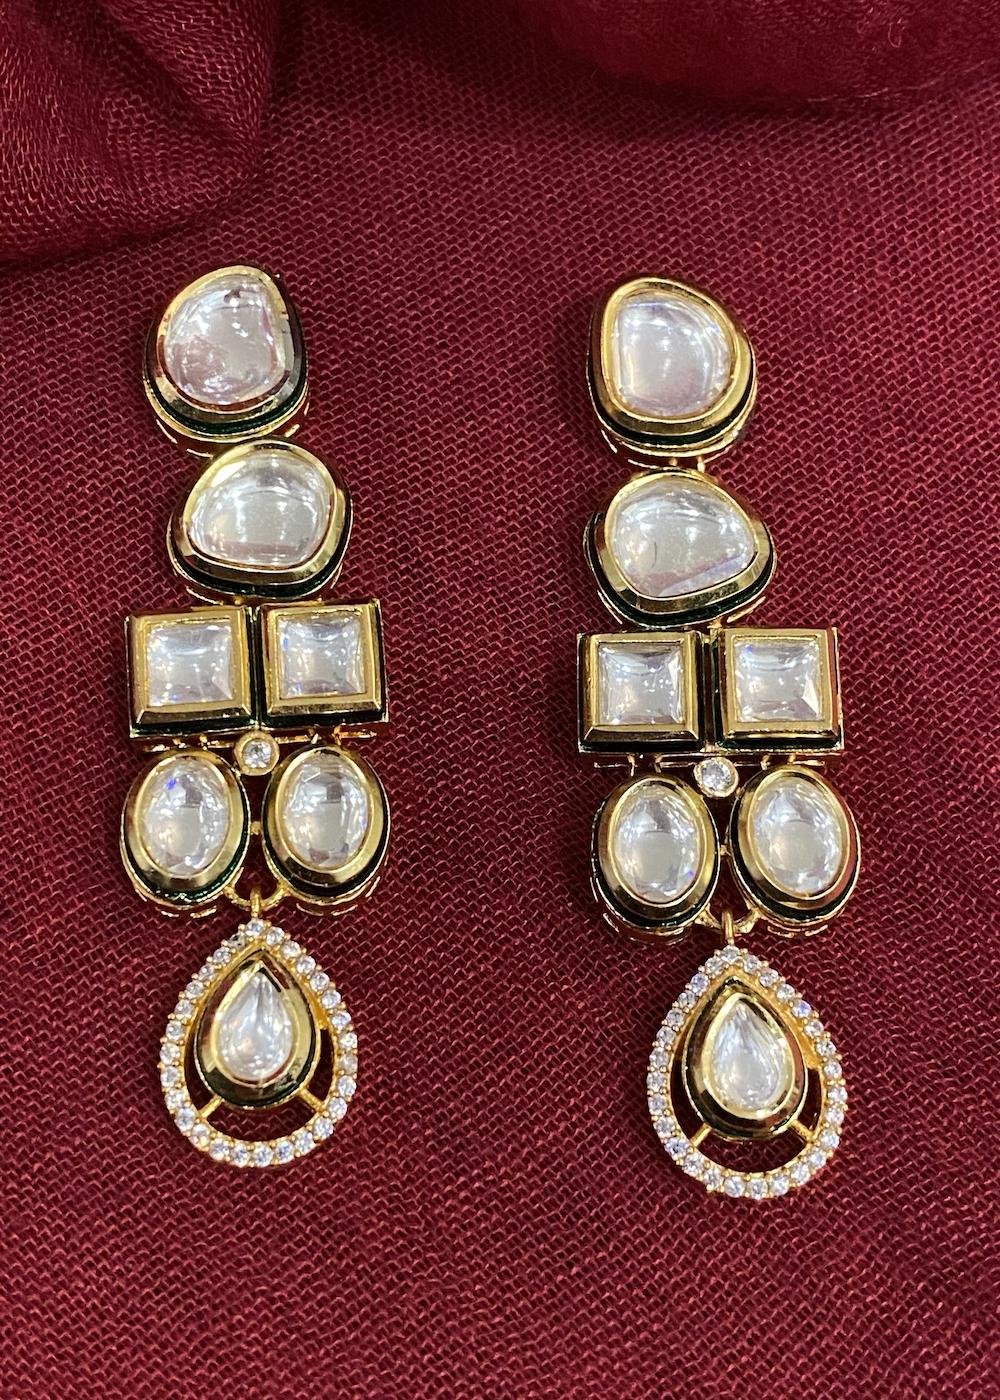 Swabhimann Jwellery | Swabhimann Jwellery Sarwani Polki Earrings